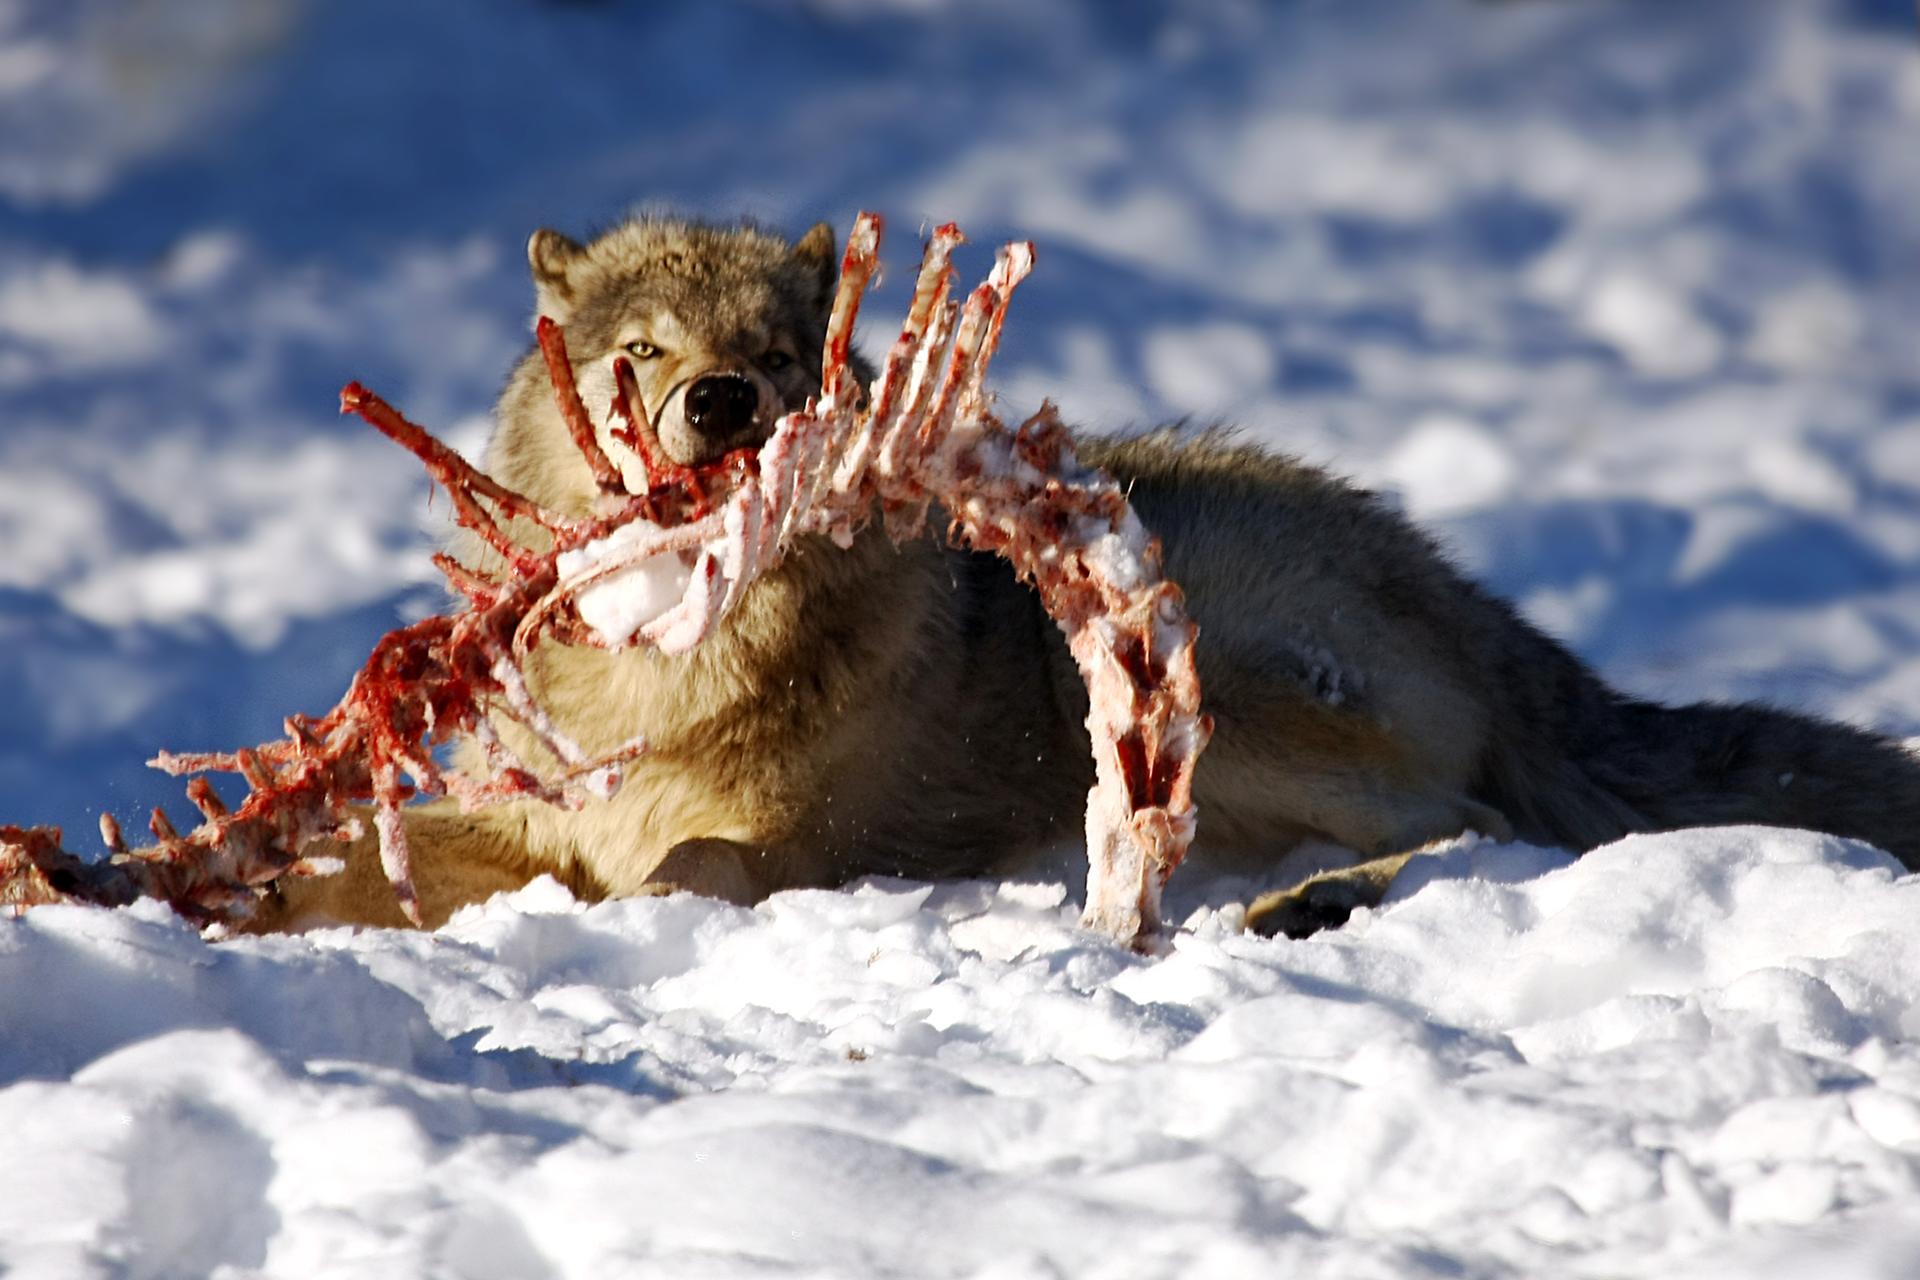 Fotografia przedstawia beżowego, leżącego na śniegu drapieżnika. Wpysku trzyma resztki ofiary: kręgosłup zżebrami. Na obgryzionych kościach znajdują się jeszcze czerwone ochłapy mięsa.